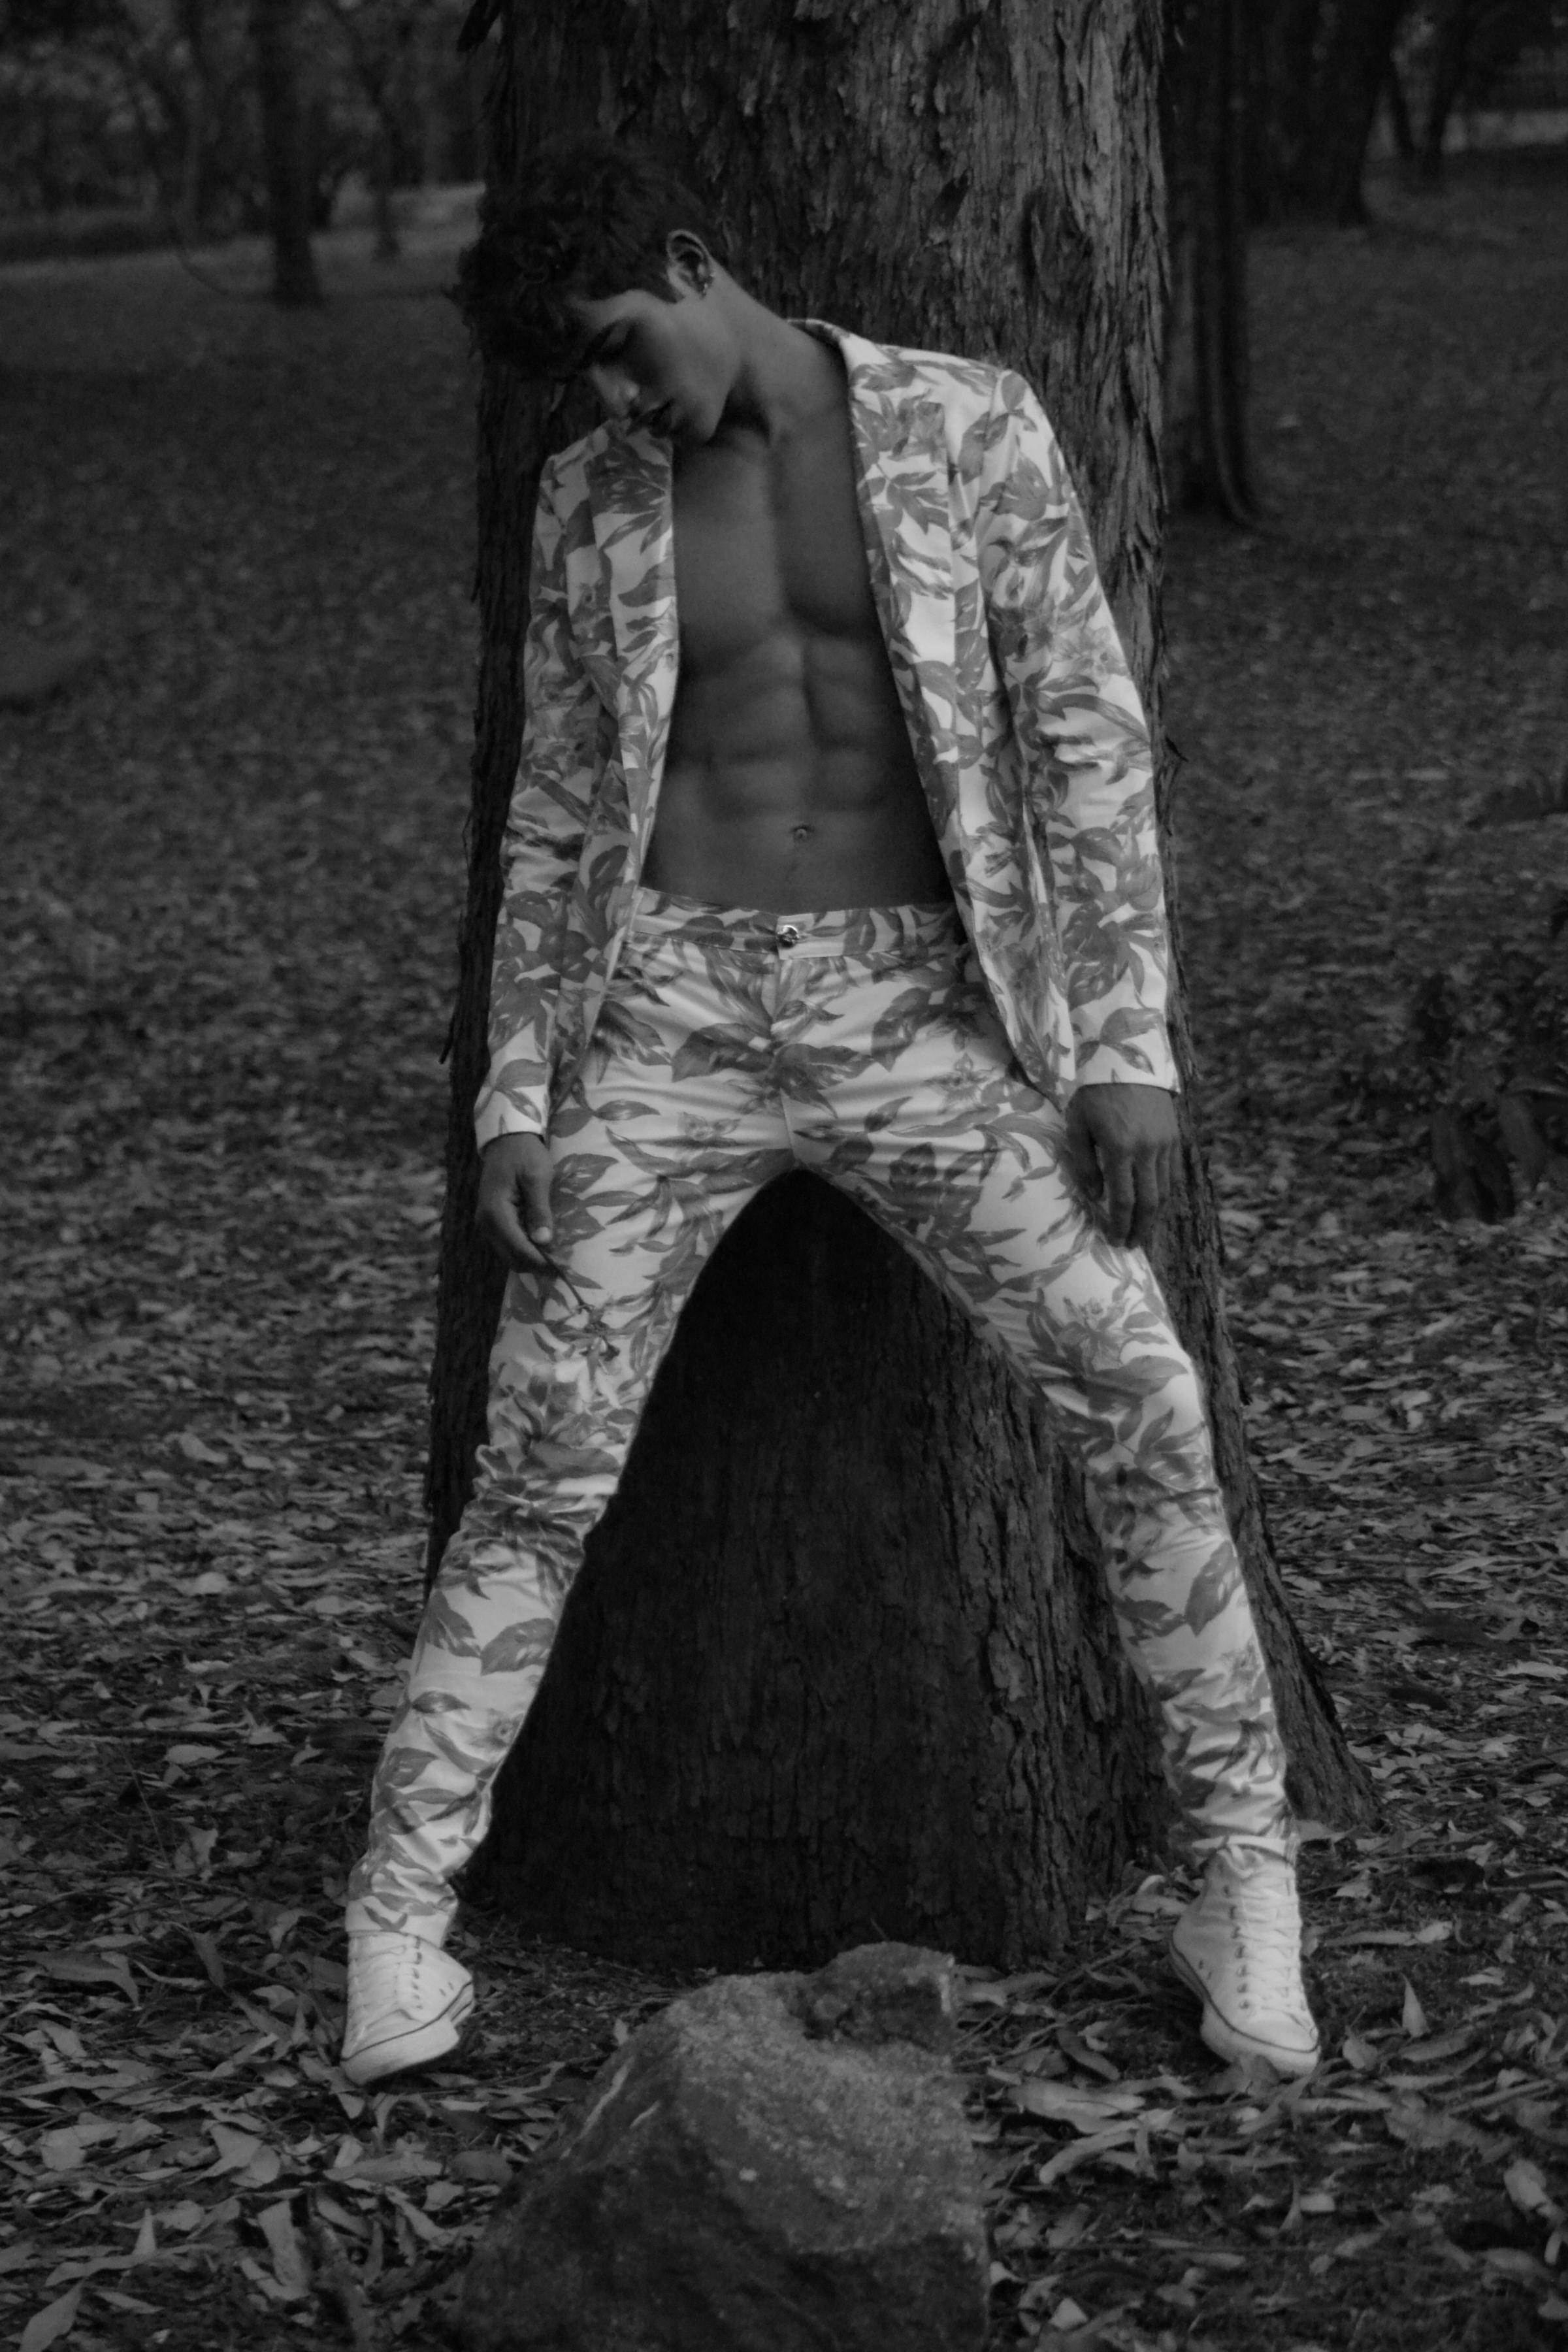 editorial de moda, moda masculina, alex cursino, rodrigo marconato, produção de moda, danilo costa, blogger, youtuber, digital influencer, social media, dicas de moda, dicas de estilo, styling (12)